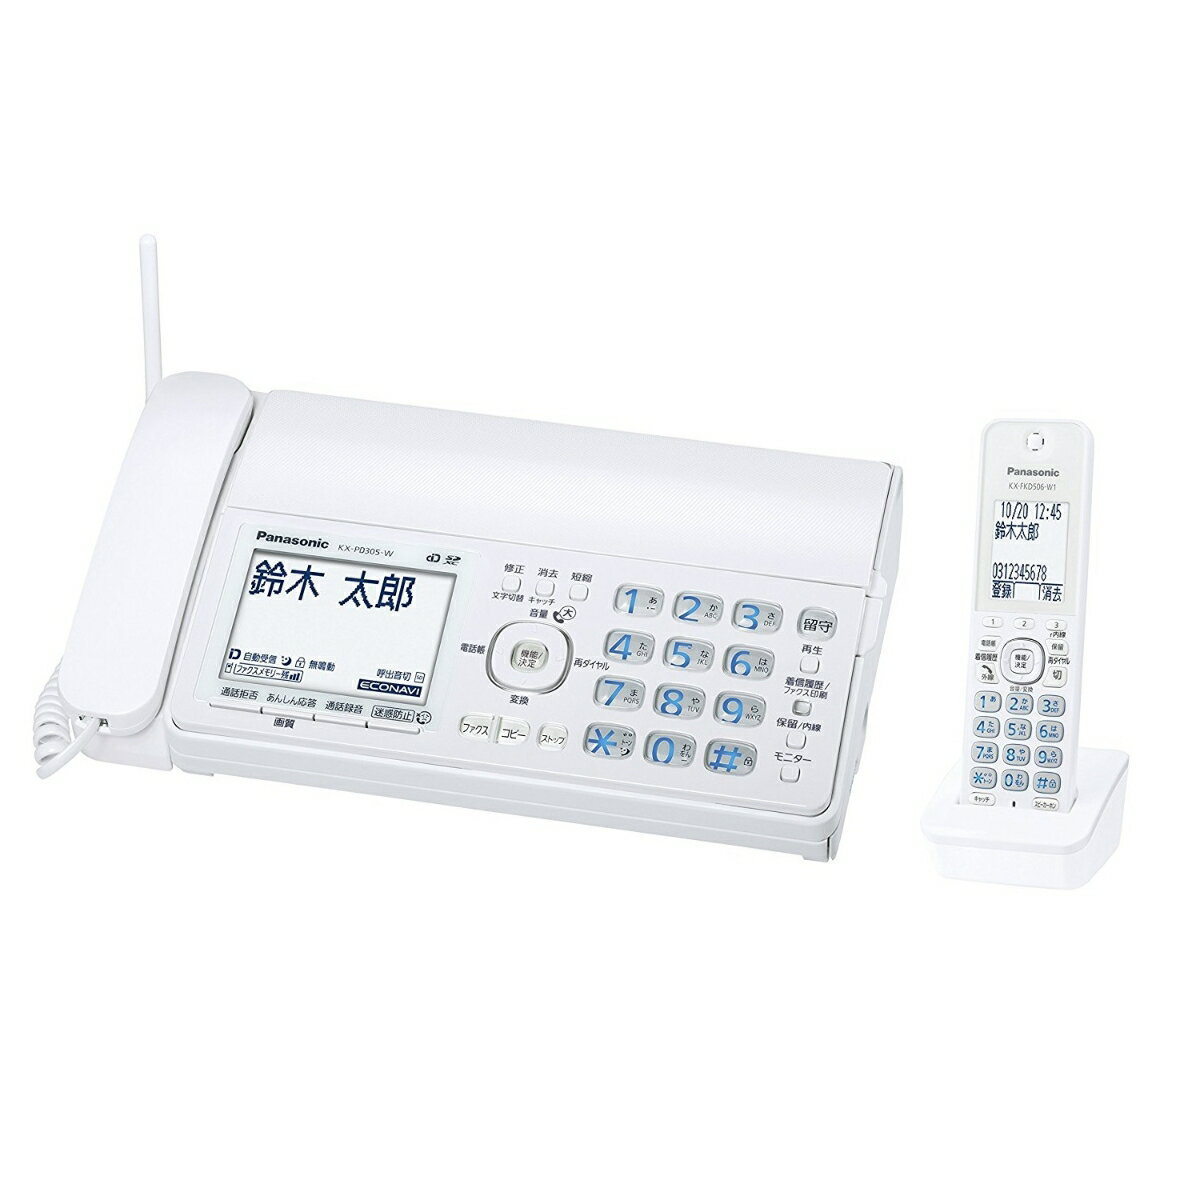 Panasonic デジタルコードレス普通紙ファクス(子機1台付き)(ホワイト) KX-PD305DL-W